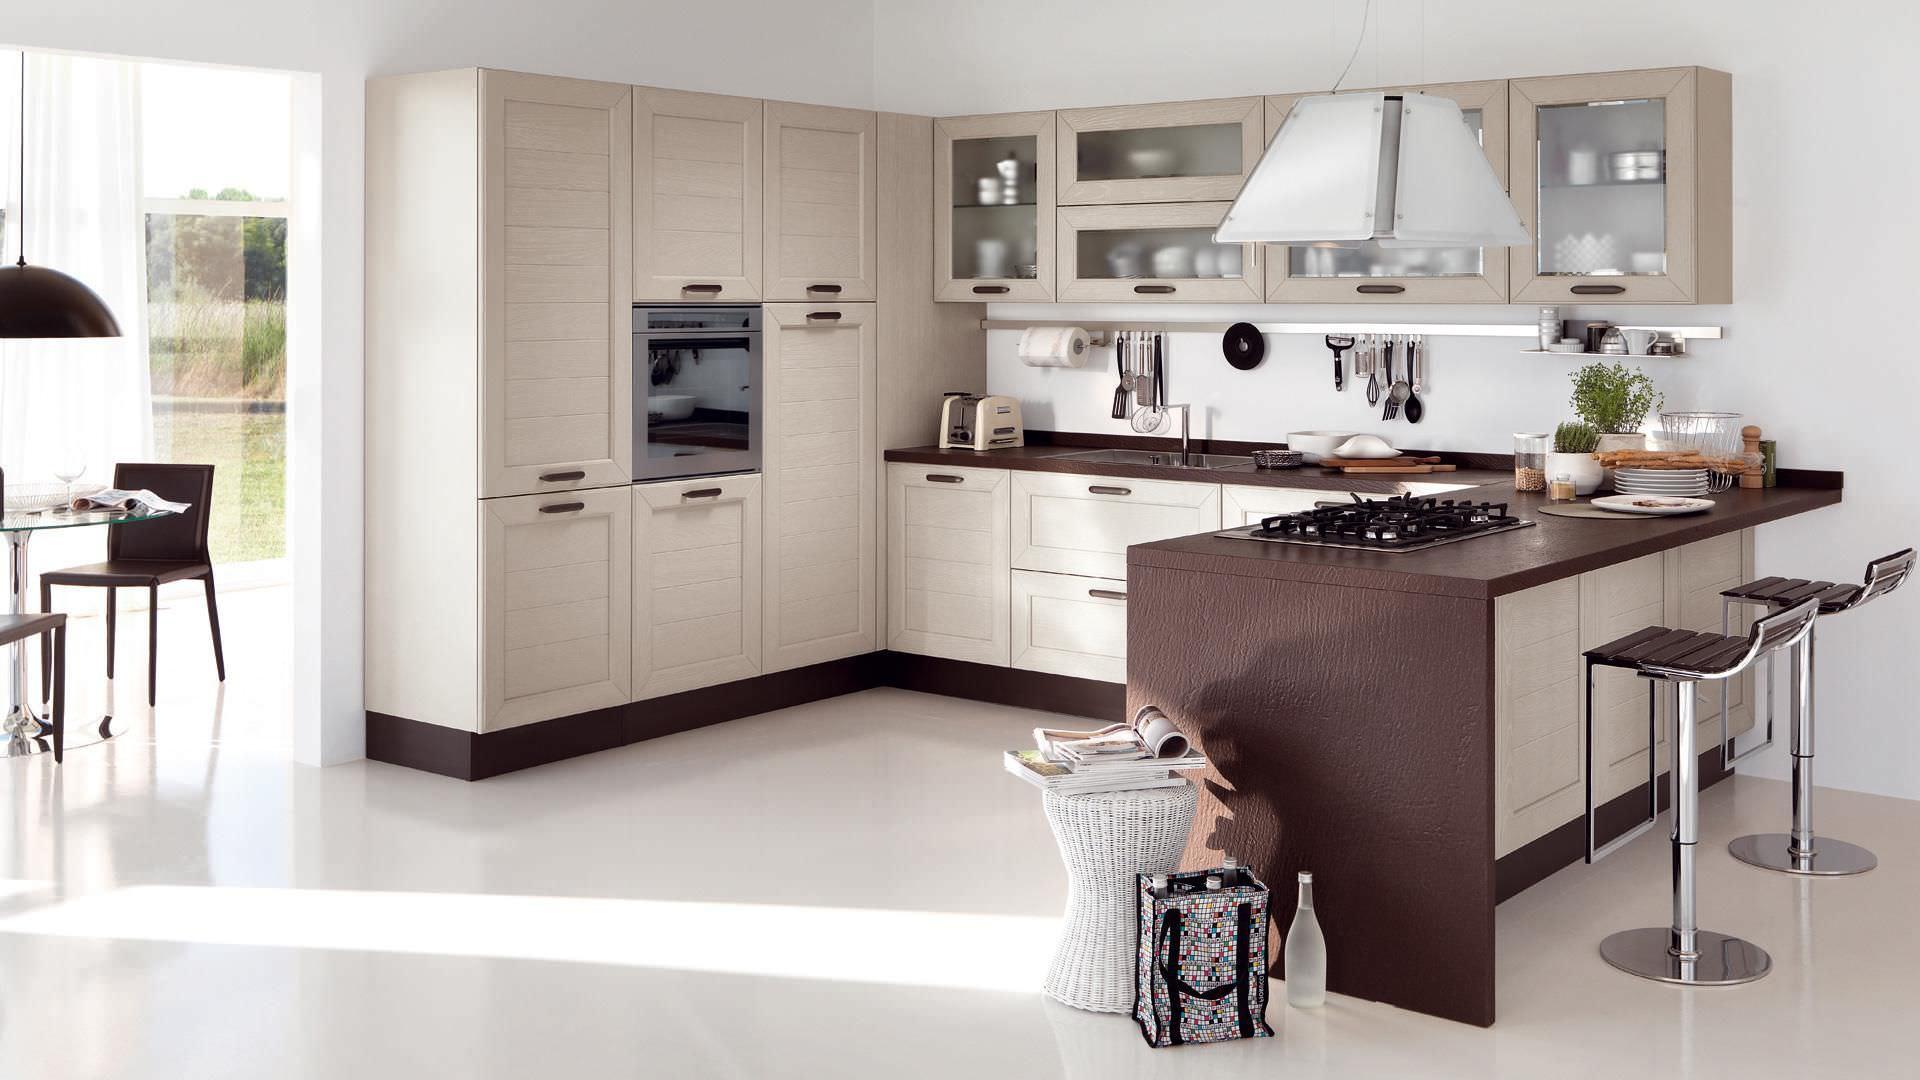 Moderne Küche / Holz / mit Griffen CLAUDIA CUCINE LUBE